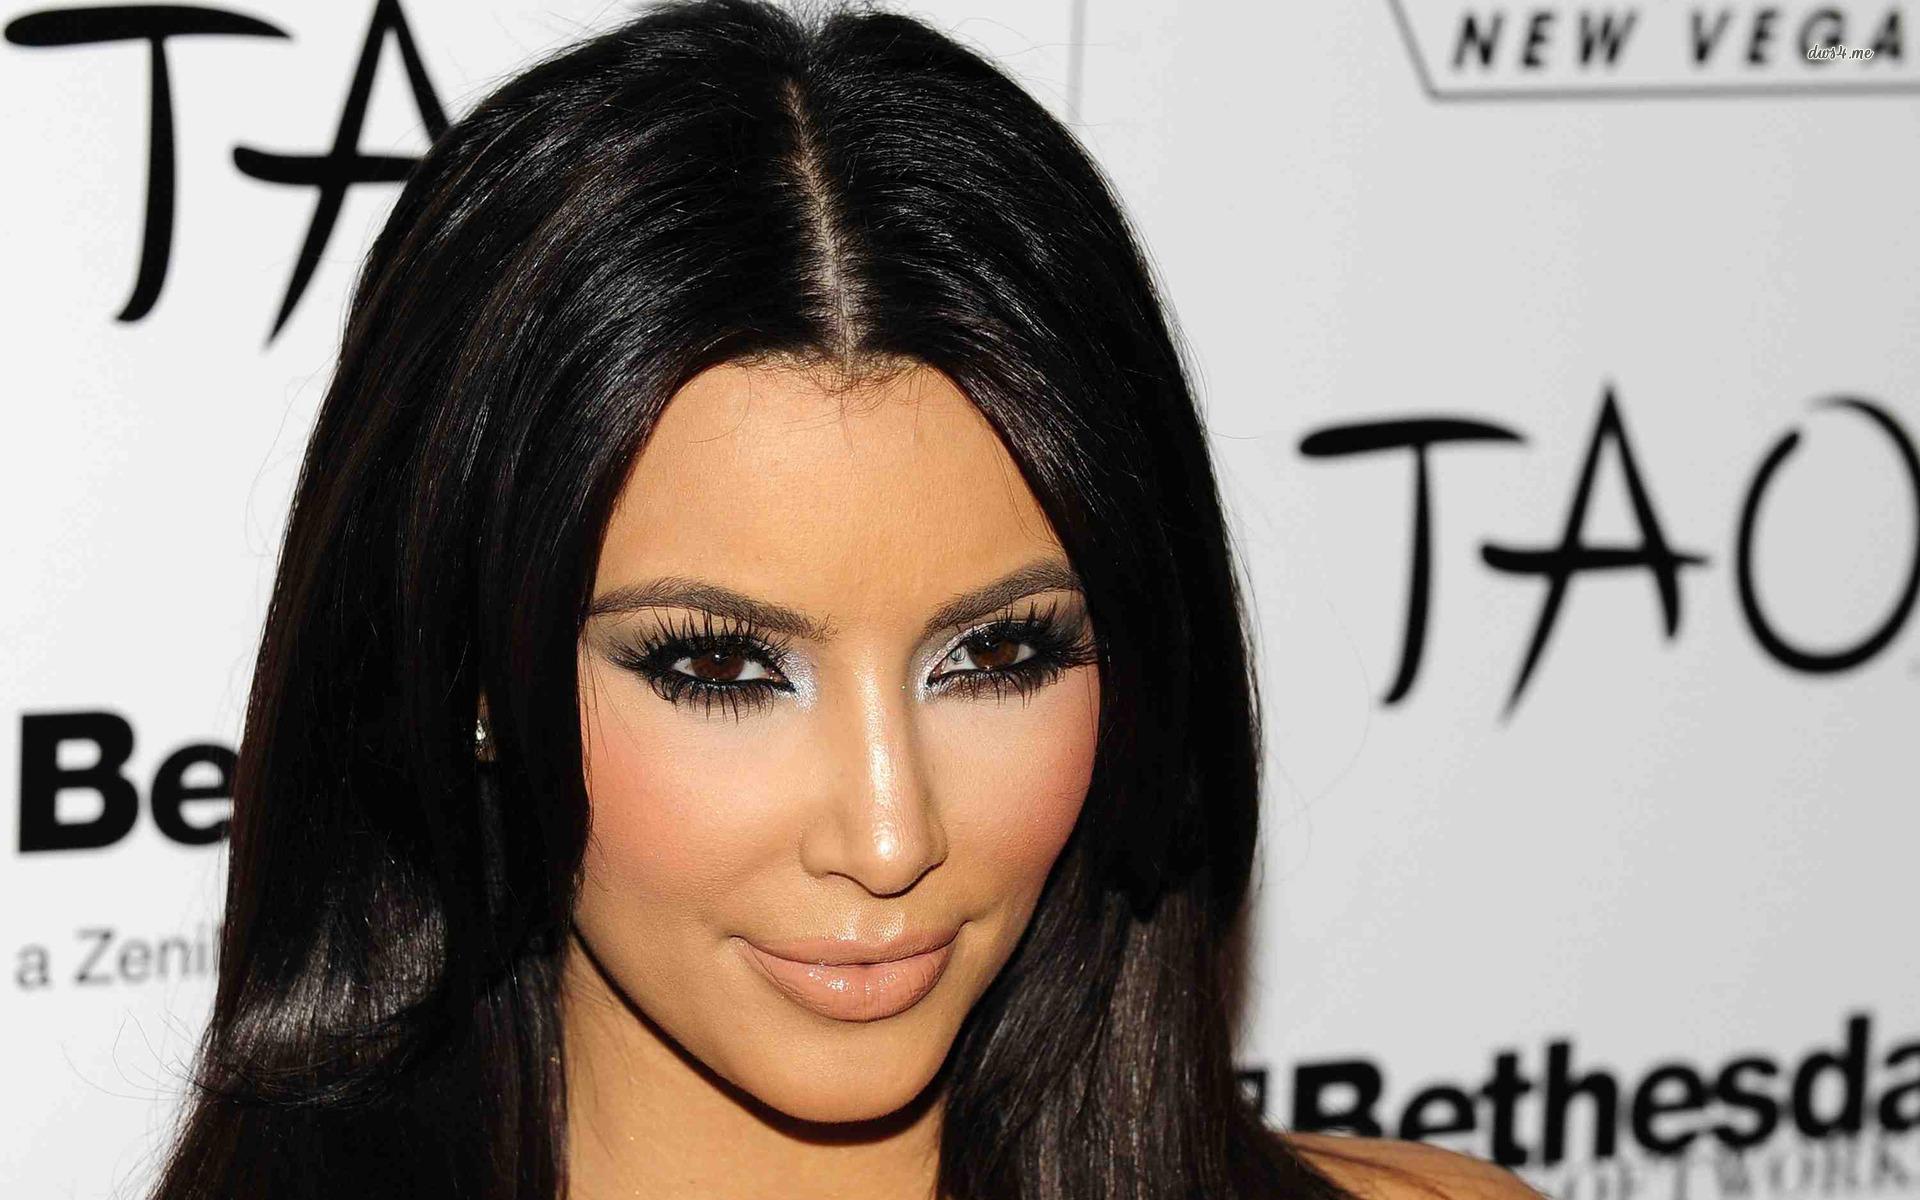 Kim Kardashian Examining Her Vagna In Mirror 1920x1200